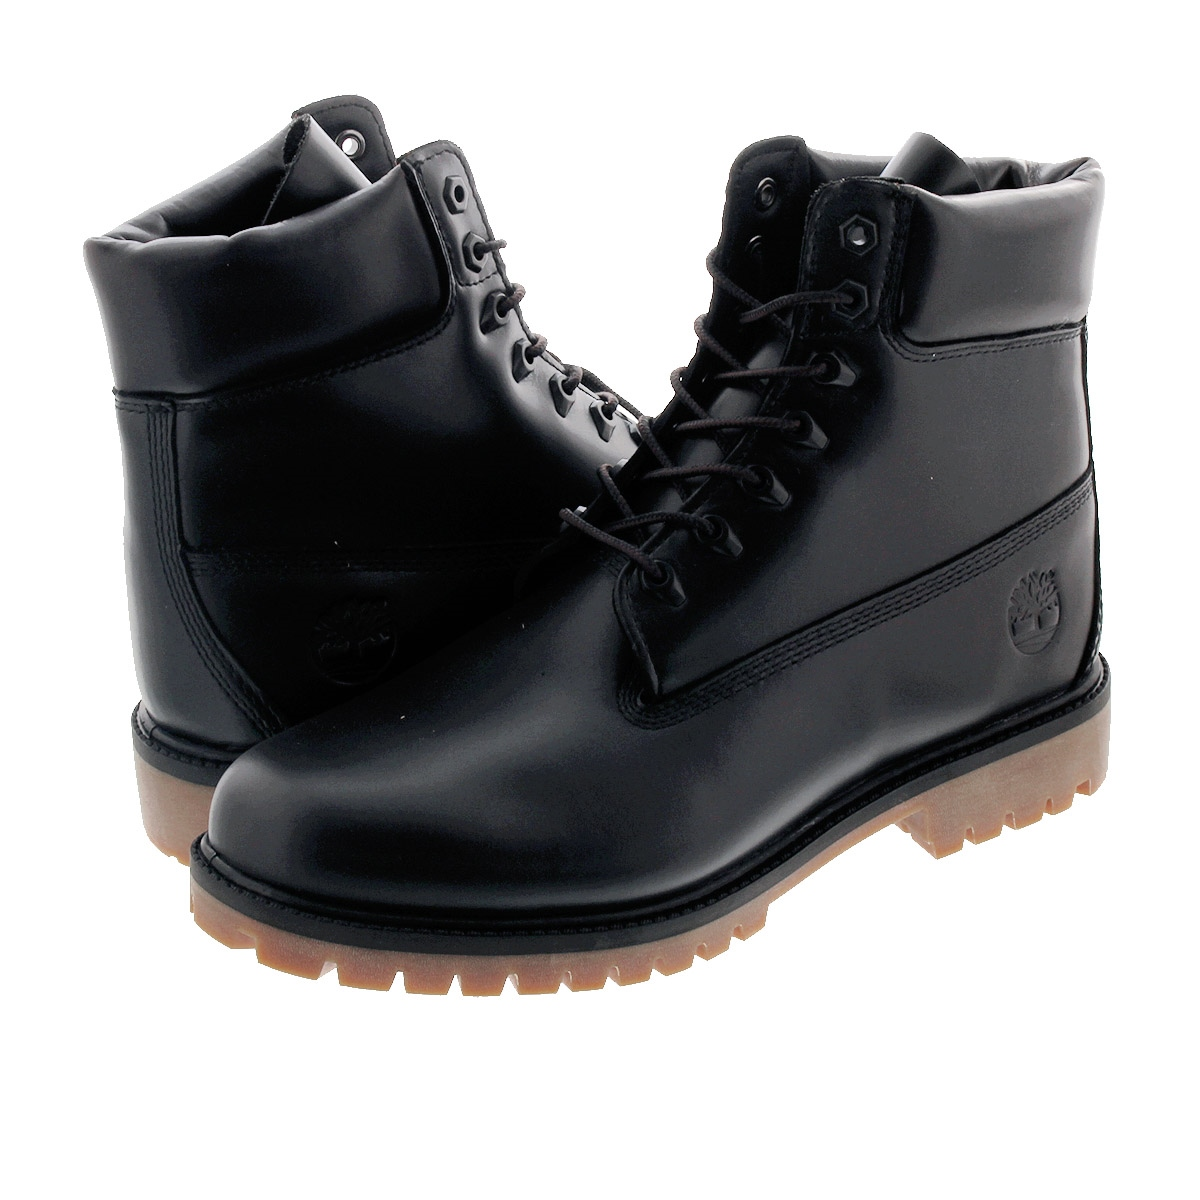 【毎日がお得!値下げプライス】 TIMBERLAND CLASSIC 6inch WP BOOT ティンバーランド クラシック 6インチ ウォータープルーフ ブーツ BLACK a22wk